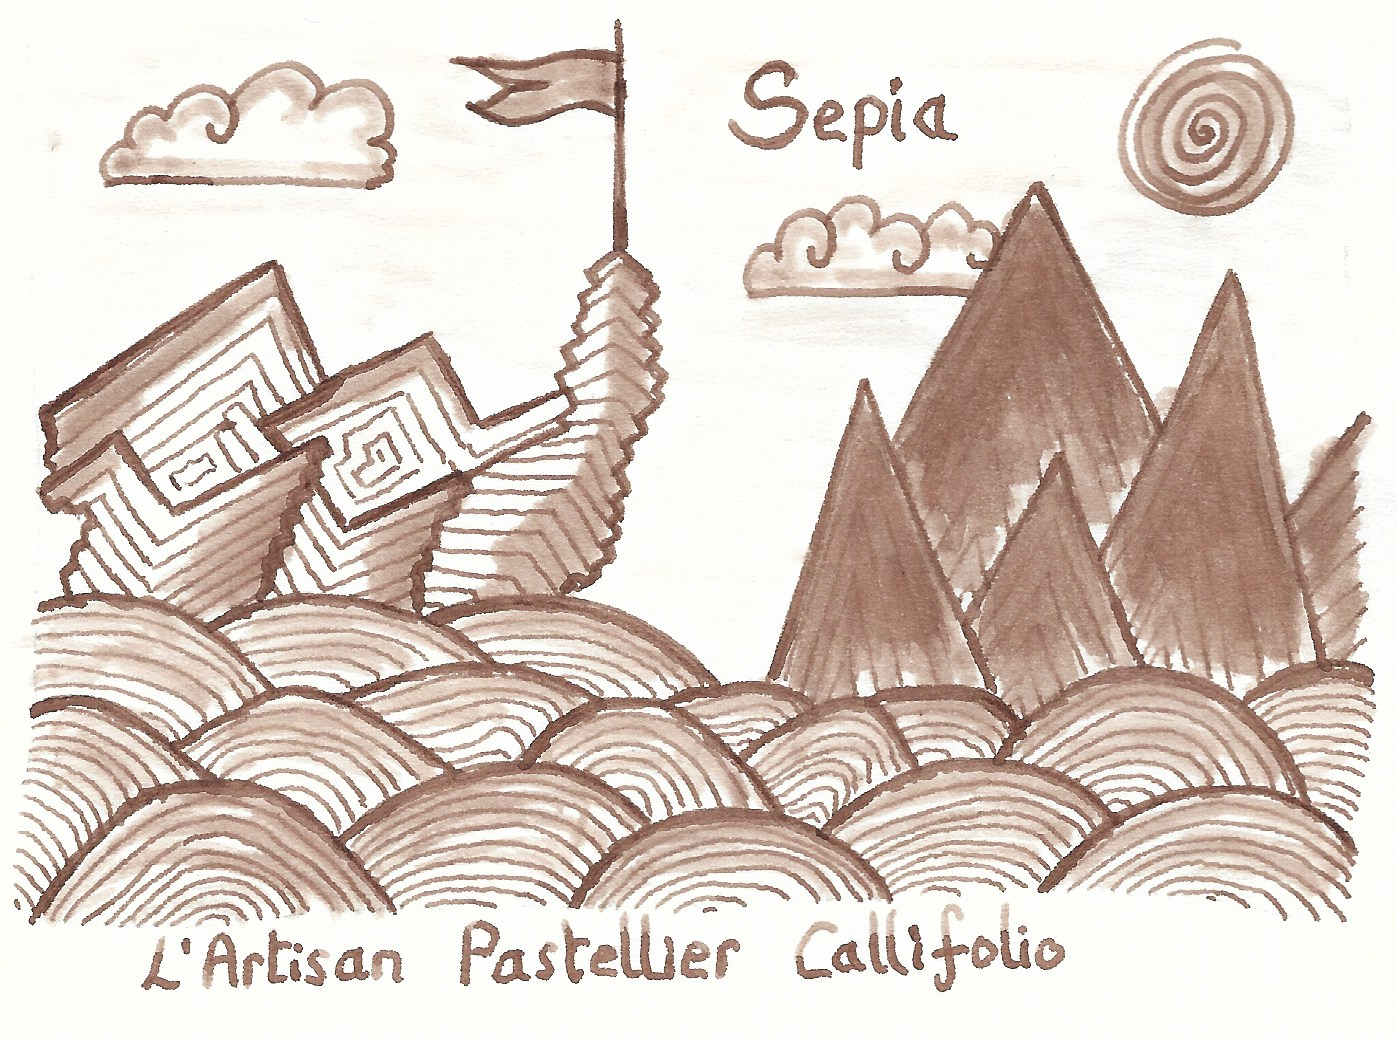 fpn_1574186208__callifolio_-_sepia_-_tit